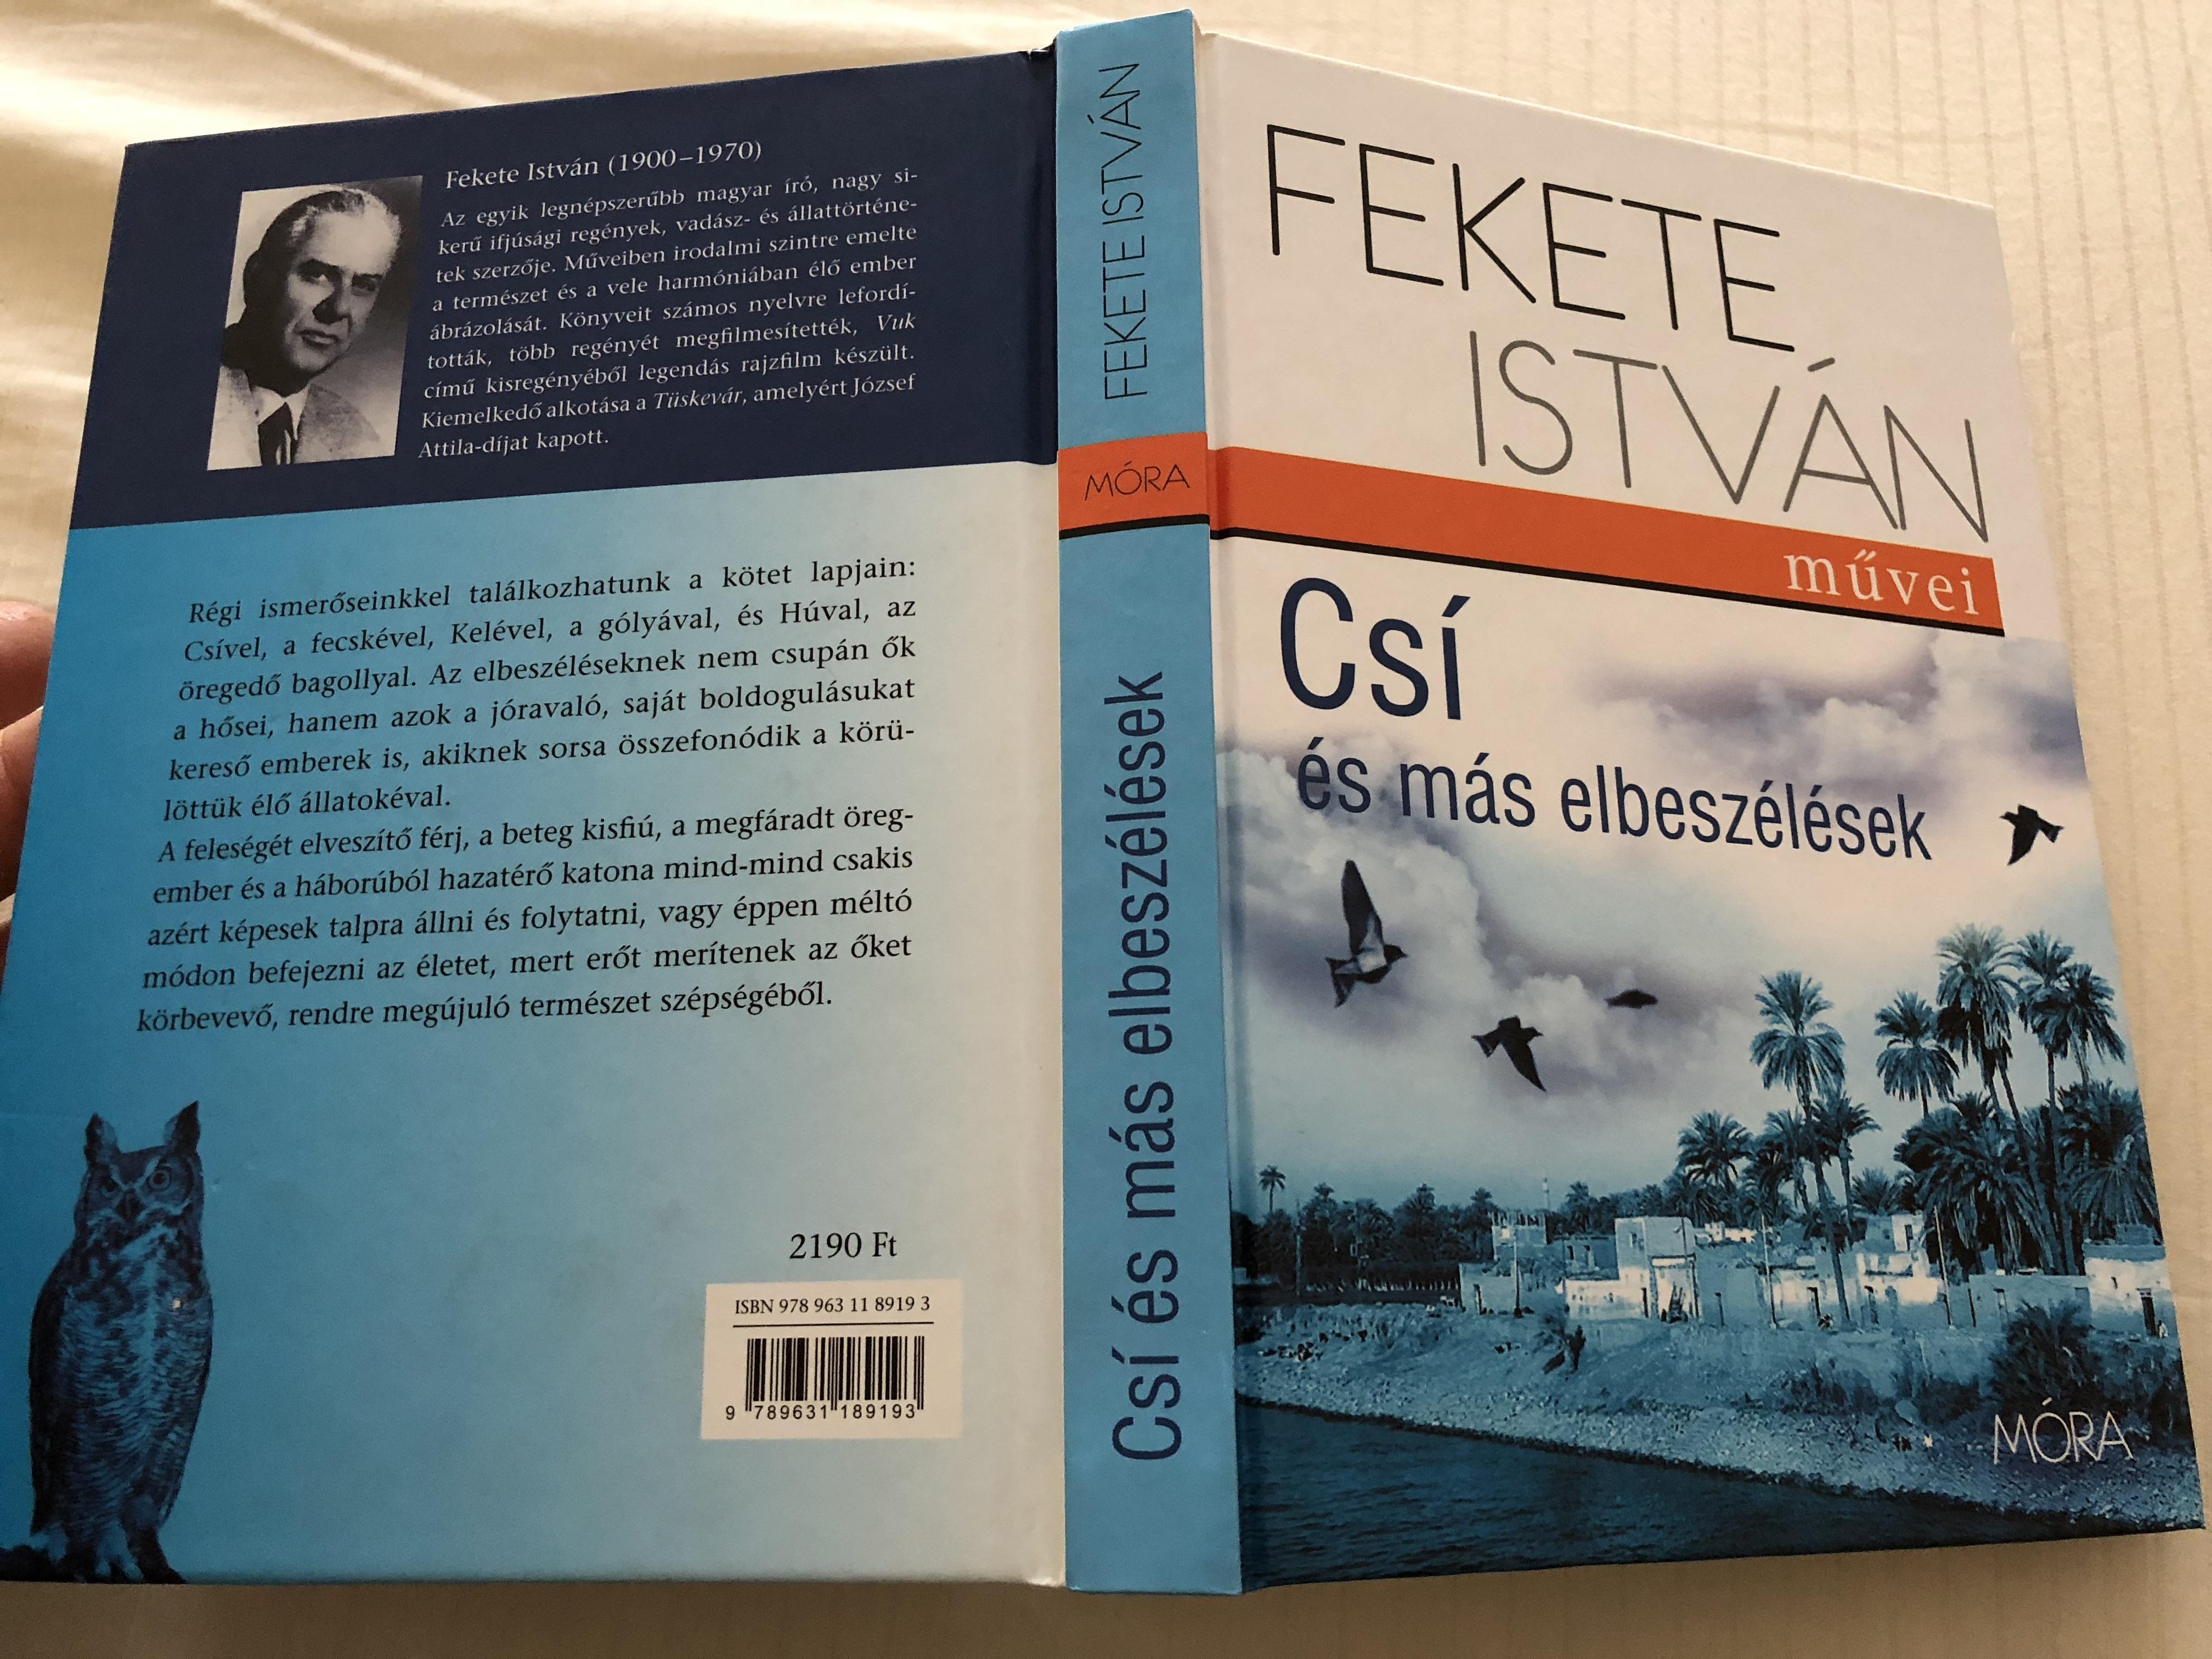 -cs-s-m-s-elbesz-l-sek-by-fekete-istv-n-m-ra-k-nyvkiad-2011-hardcover-hungarian-stories-by-istv-n-fekete-11-.jpg